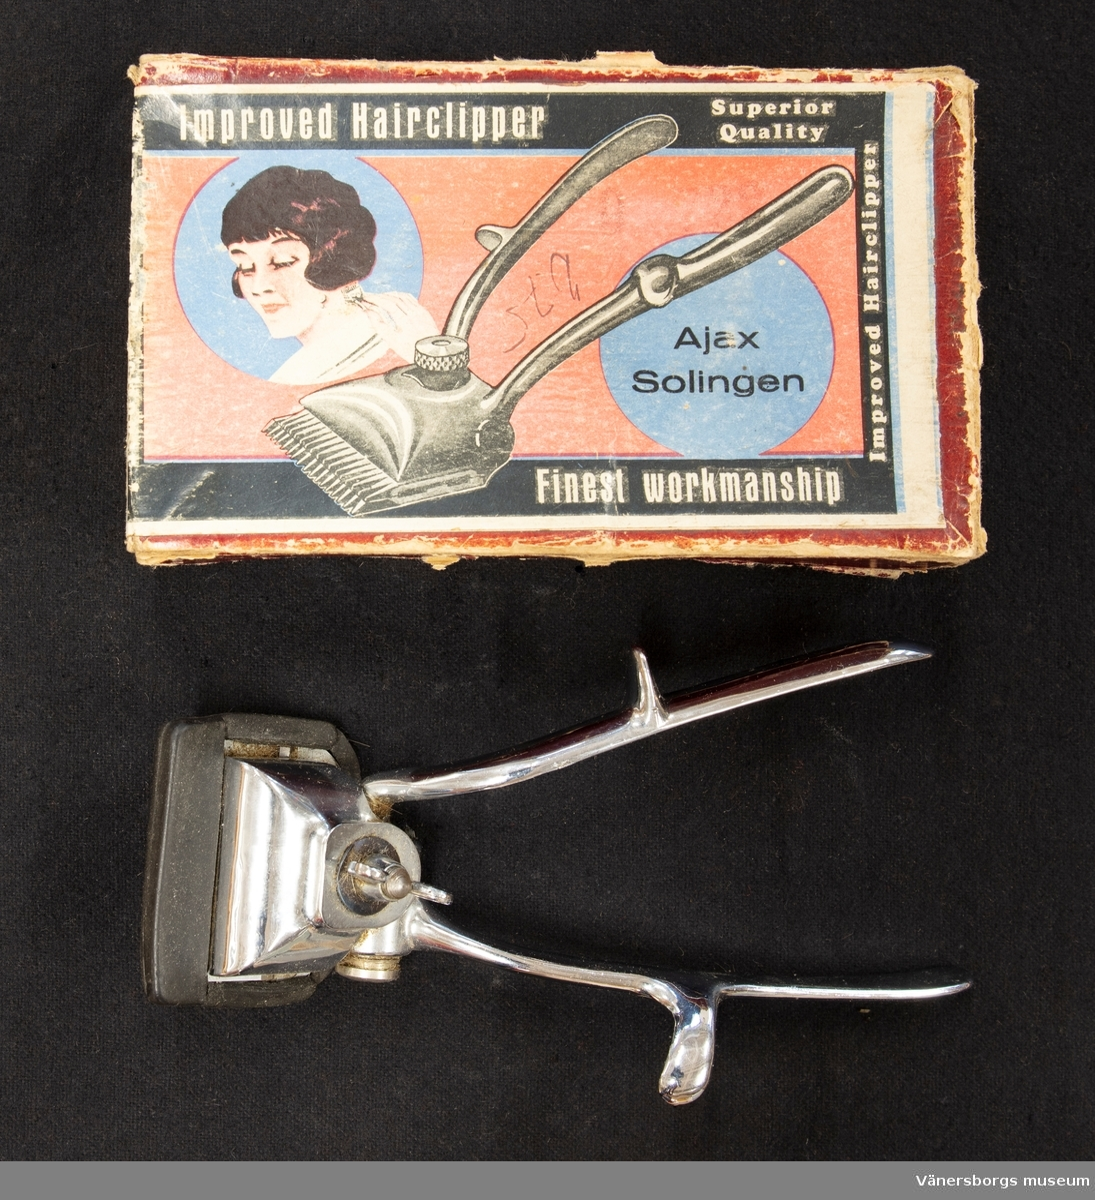 Handdriven klippmaskin med skydd för klippagregatet. Klippmaskinen ligger i en ask som är aningen för liten för maskinen.  Klippmaskin av stål i tre delar. Två byglar med utskjutande partier för greppbarheten. En löstagbar del som gör själva klippningen. På ena bygeln står Model No 146, Made in England by A. Marin&Co. Maskinen är försedd med ett gummiskydd för klippningsdelen.  Asken har en bild på en kvinna, en bild på maskinen och texten: Improved Hailcklipper, Superior Quality, Improved Haiclipper, Finest workmanship, Ajax Solingen.  Vid klippning för gesällprovet fick ingen klippning utföras med maskin, enligt givaren.